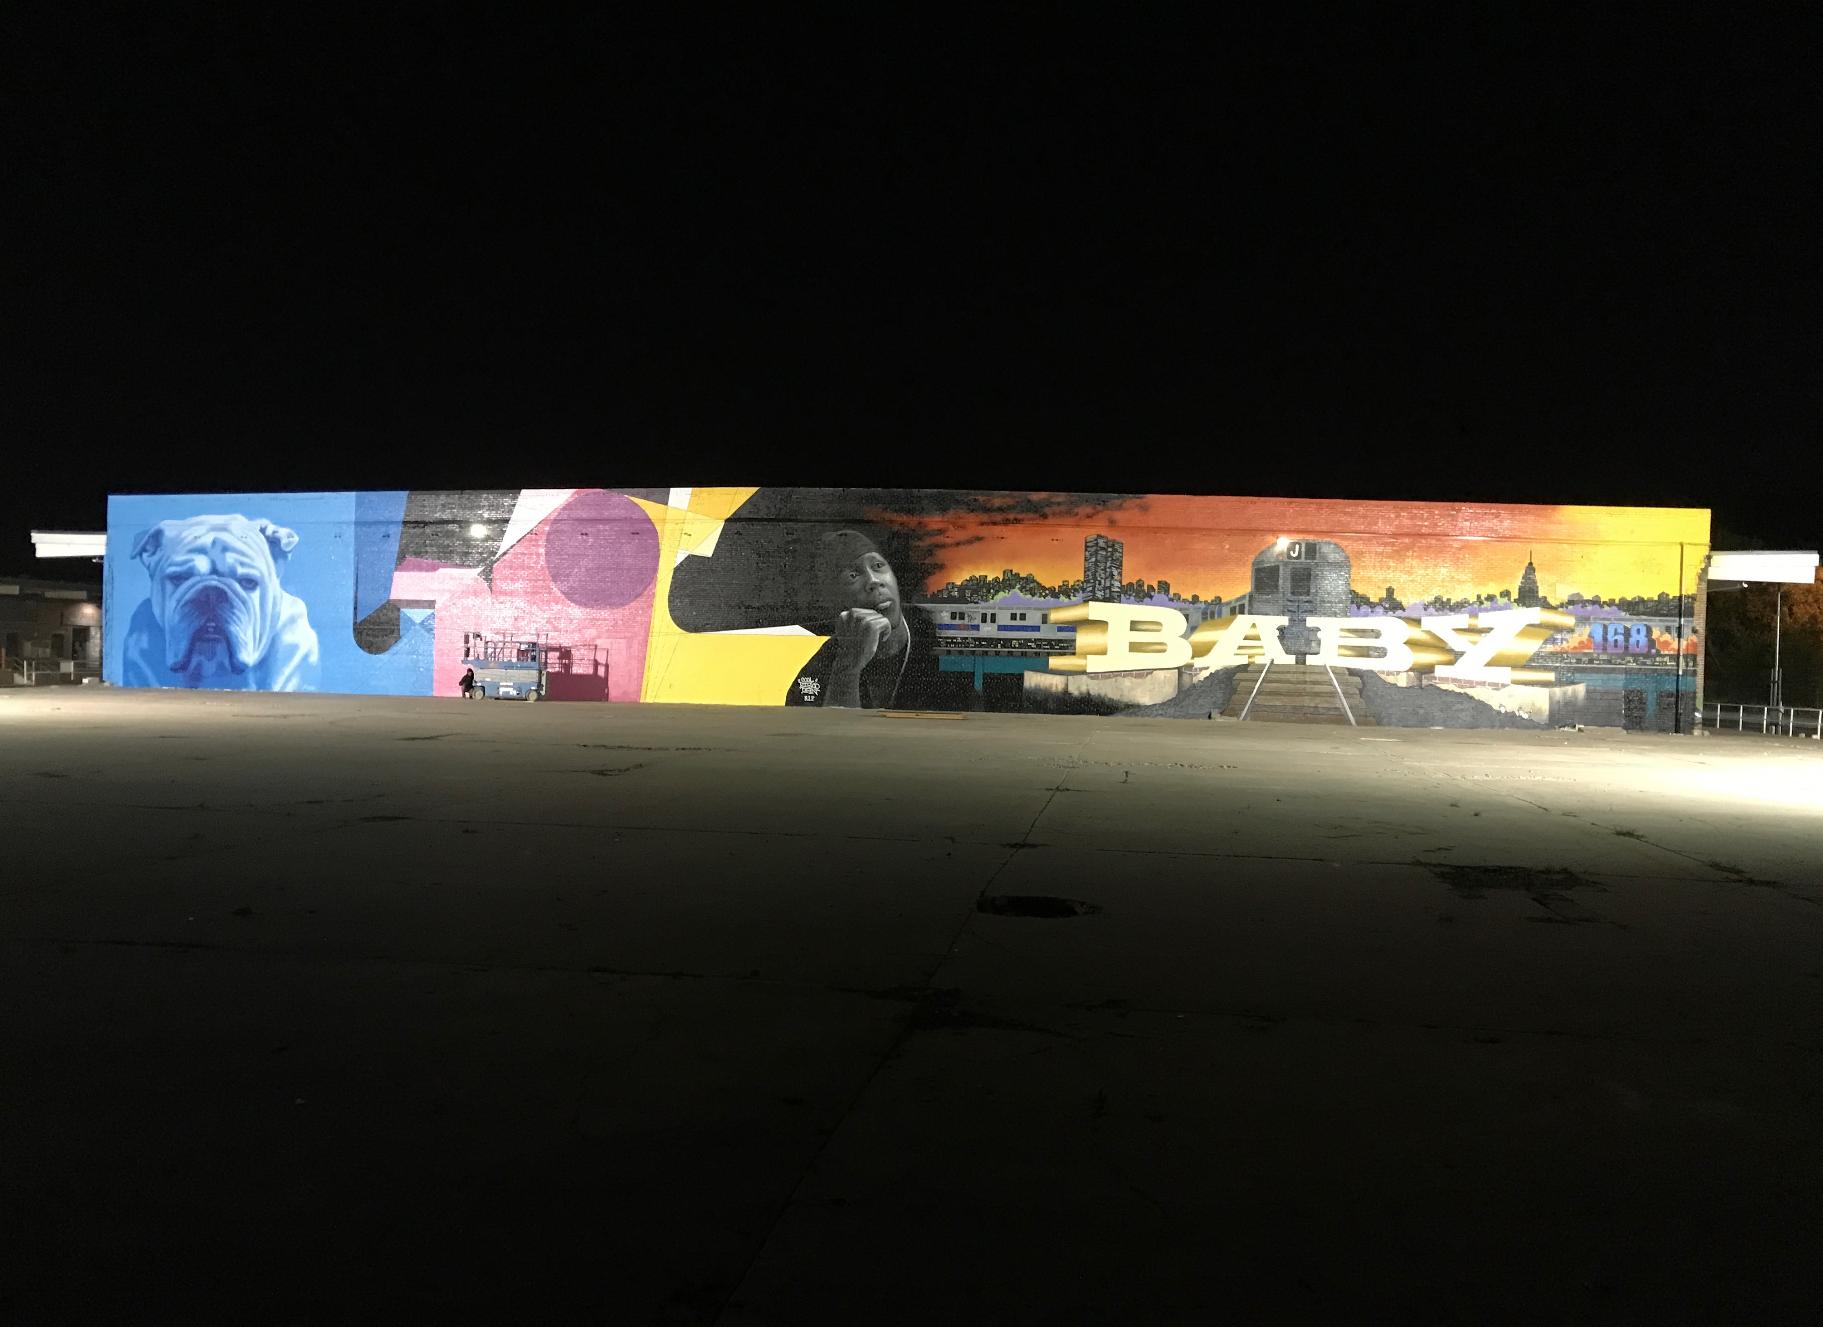 Denver Mural_KANE JOKER BABY168.png